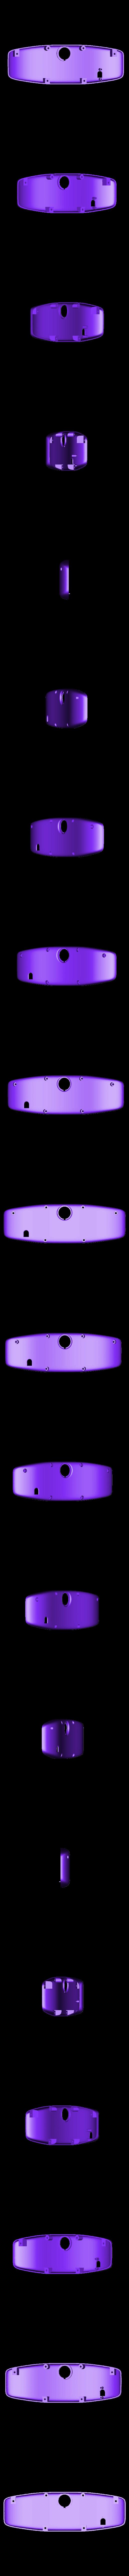 Body_Back_fixed.stl Télécharger fichier STL gratuit haut-parleur mp3 pour smartphone • Modèle pour imprimante 3D, Caghon3d